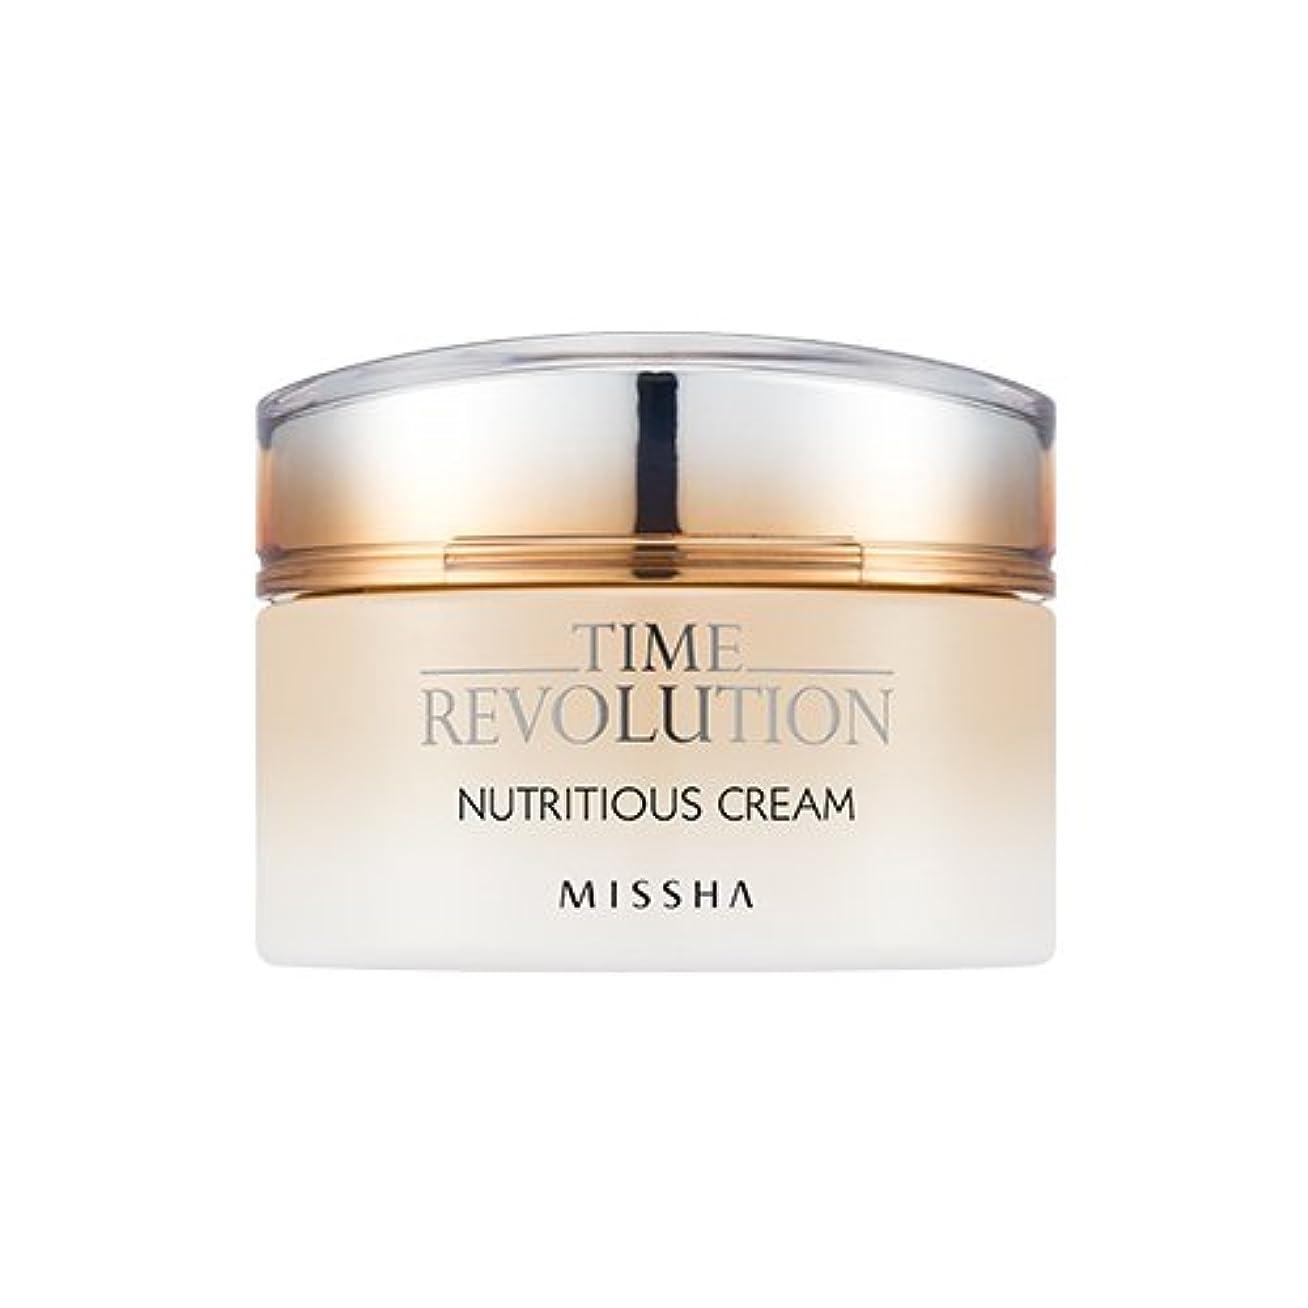 生産性仮説ビルダー[New] MISSHA Time Revolution Nutritious Cream 50ml/ミシャ タイム レボリューション ニュートリシャス クリーム 50ml [並行輸入品]